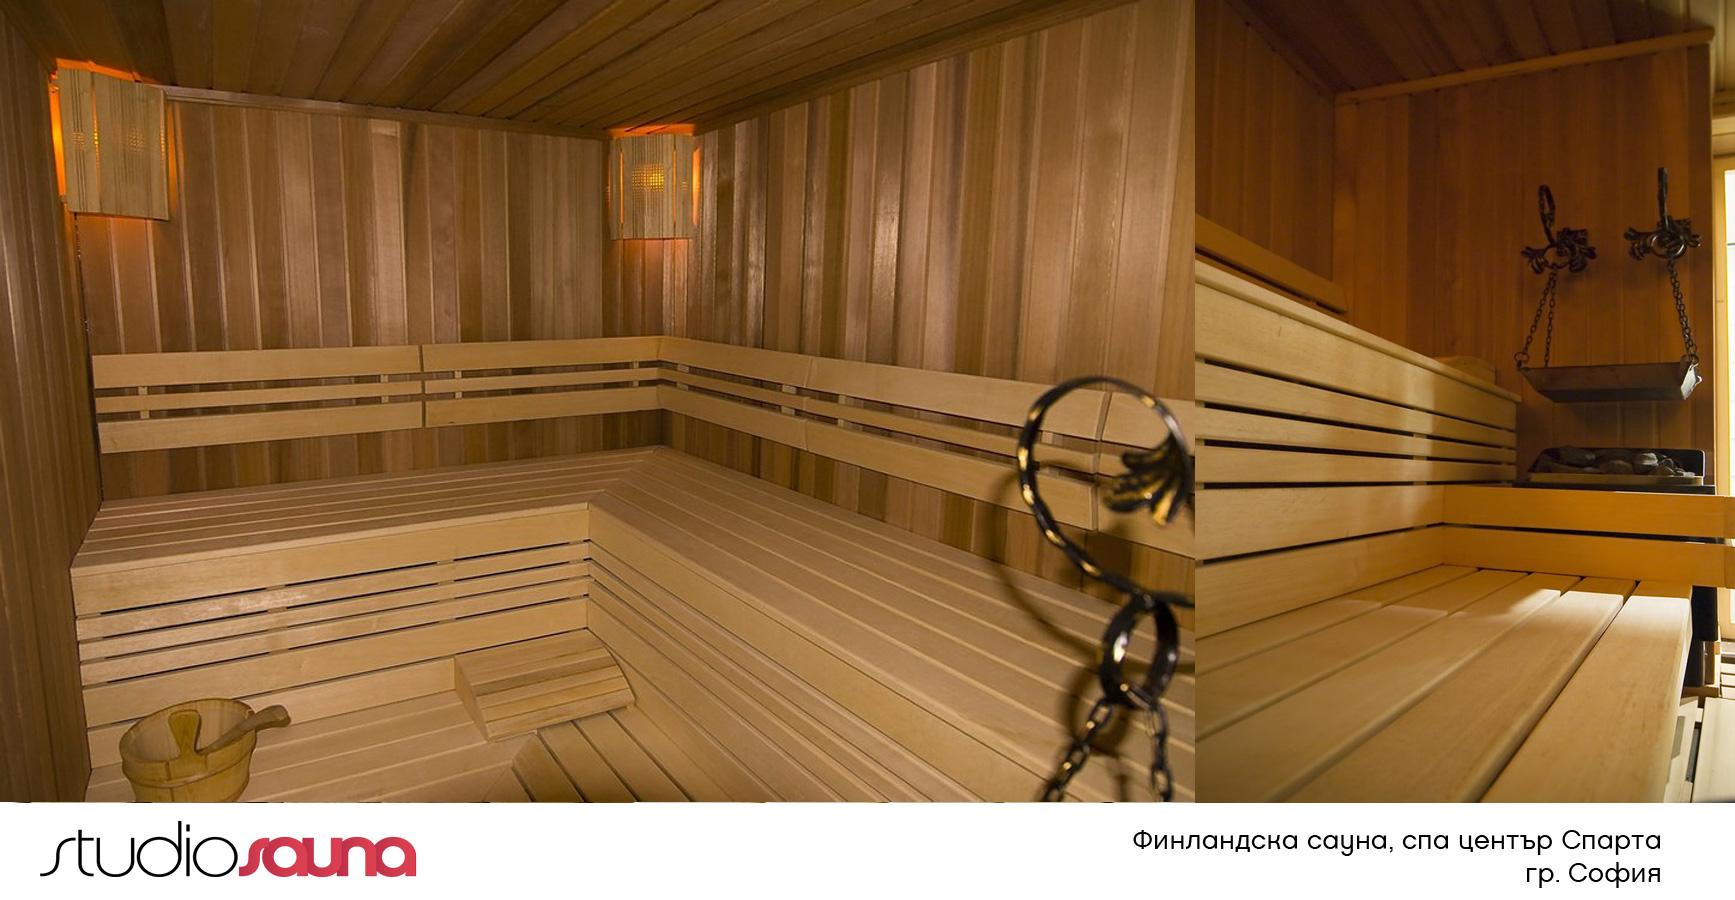 Сауни изработени от Студио Сауна